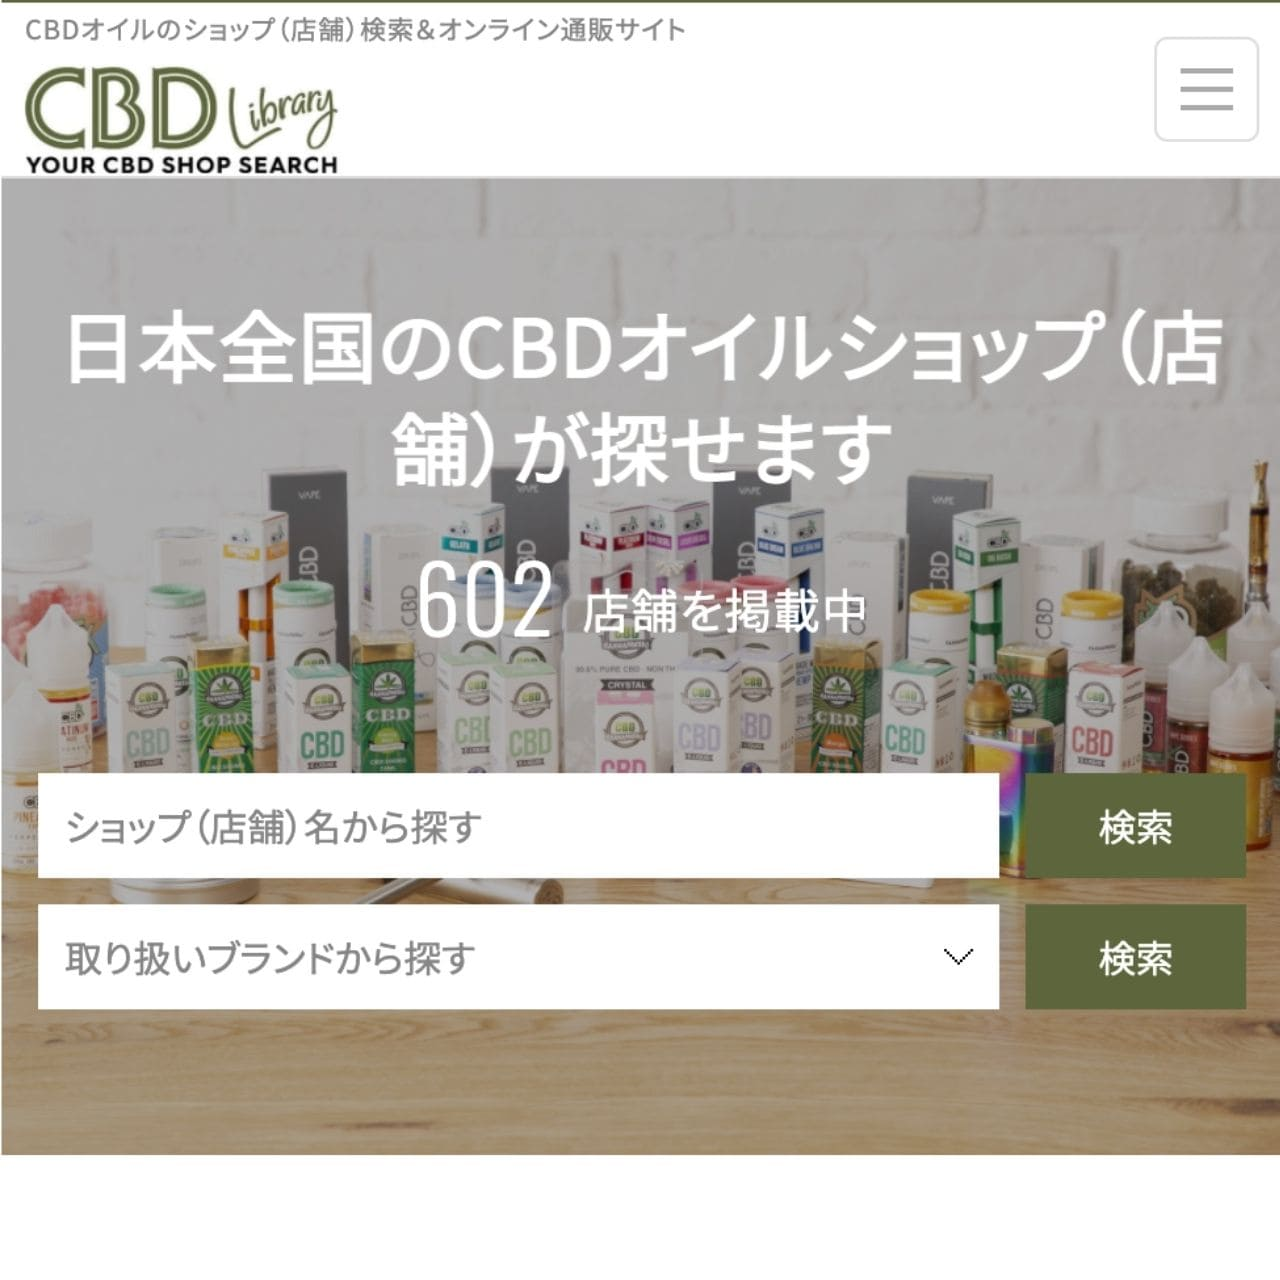 掲載件数600件を突破したCBDオイルショップ(店舗)検索サイト『CBD Library』のトップページ